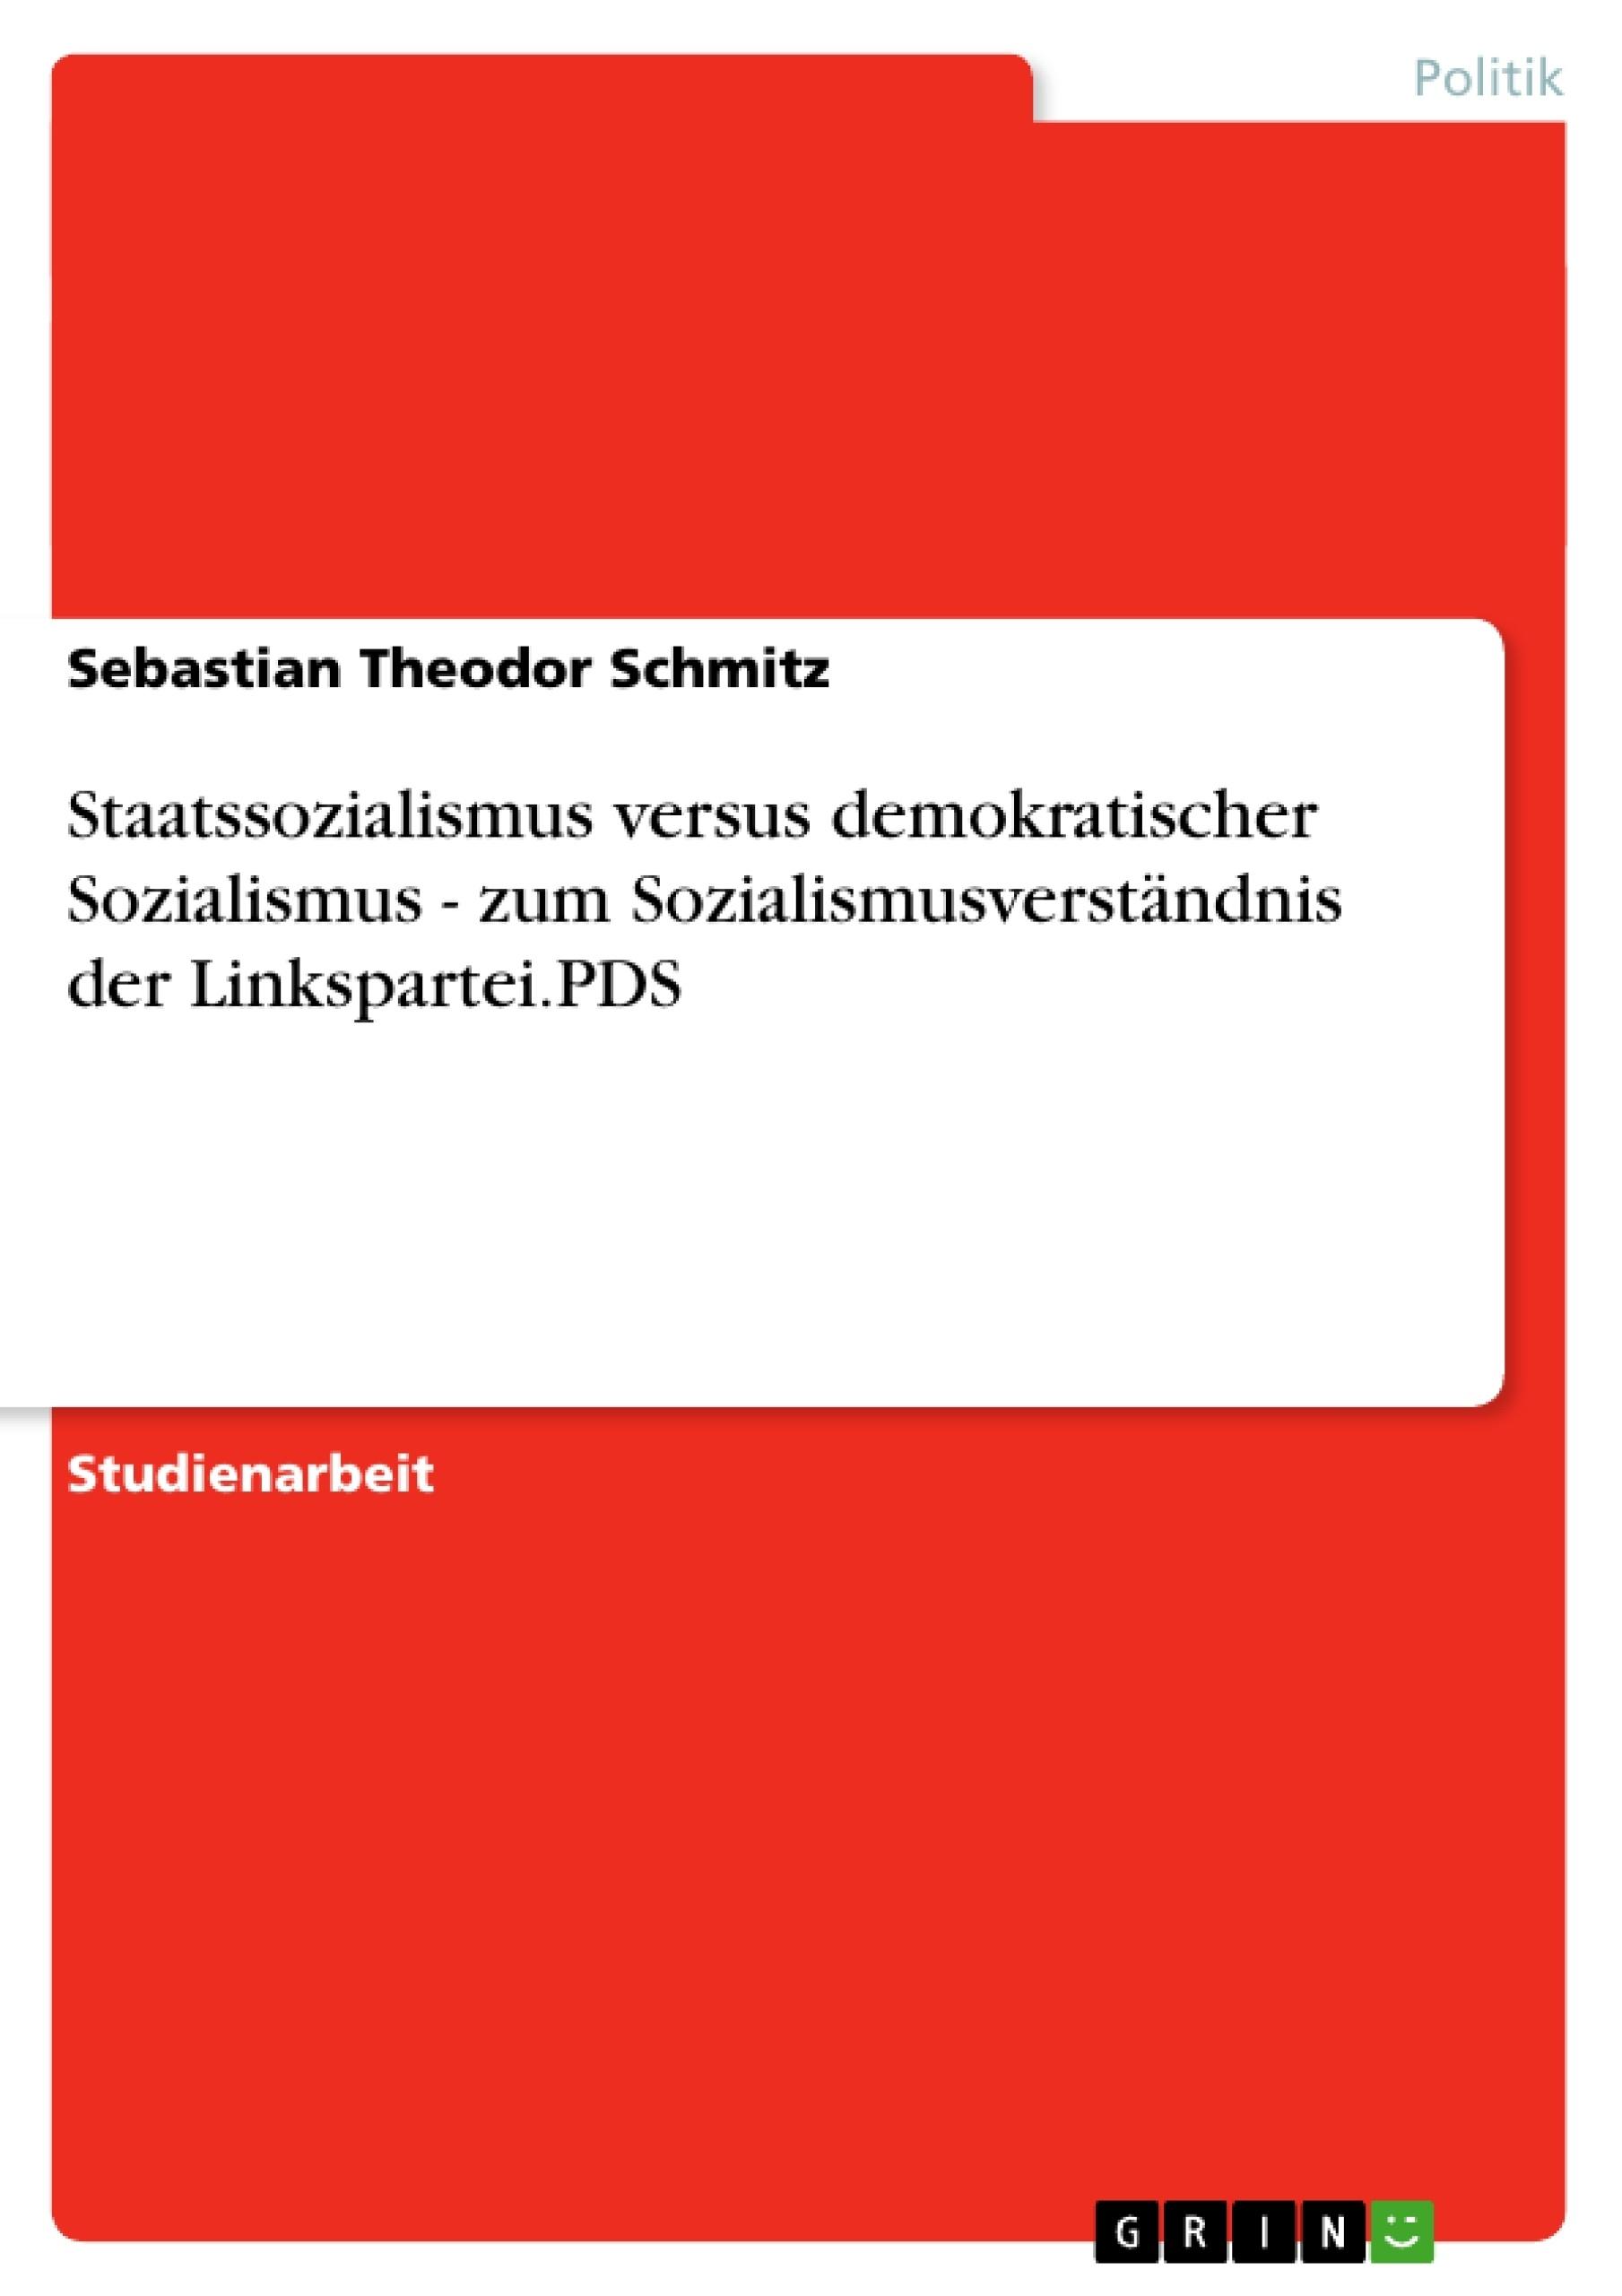 Titel: Staatssozialismus versus demokratischer Sozialismus - zum Sozialismusverständnis der Linkspartei.PDS